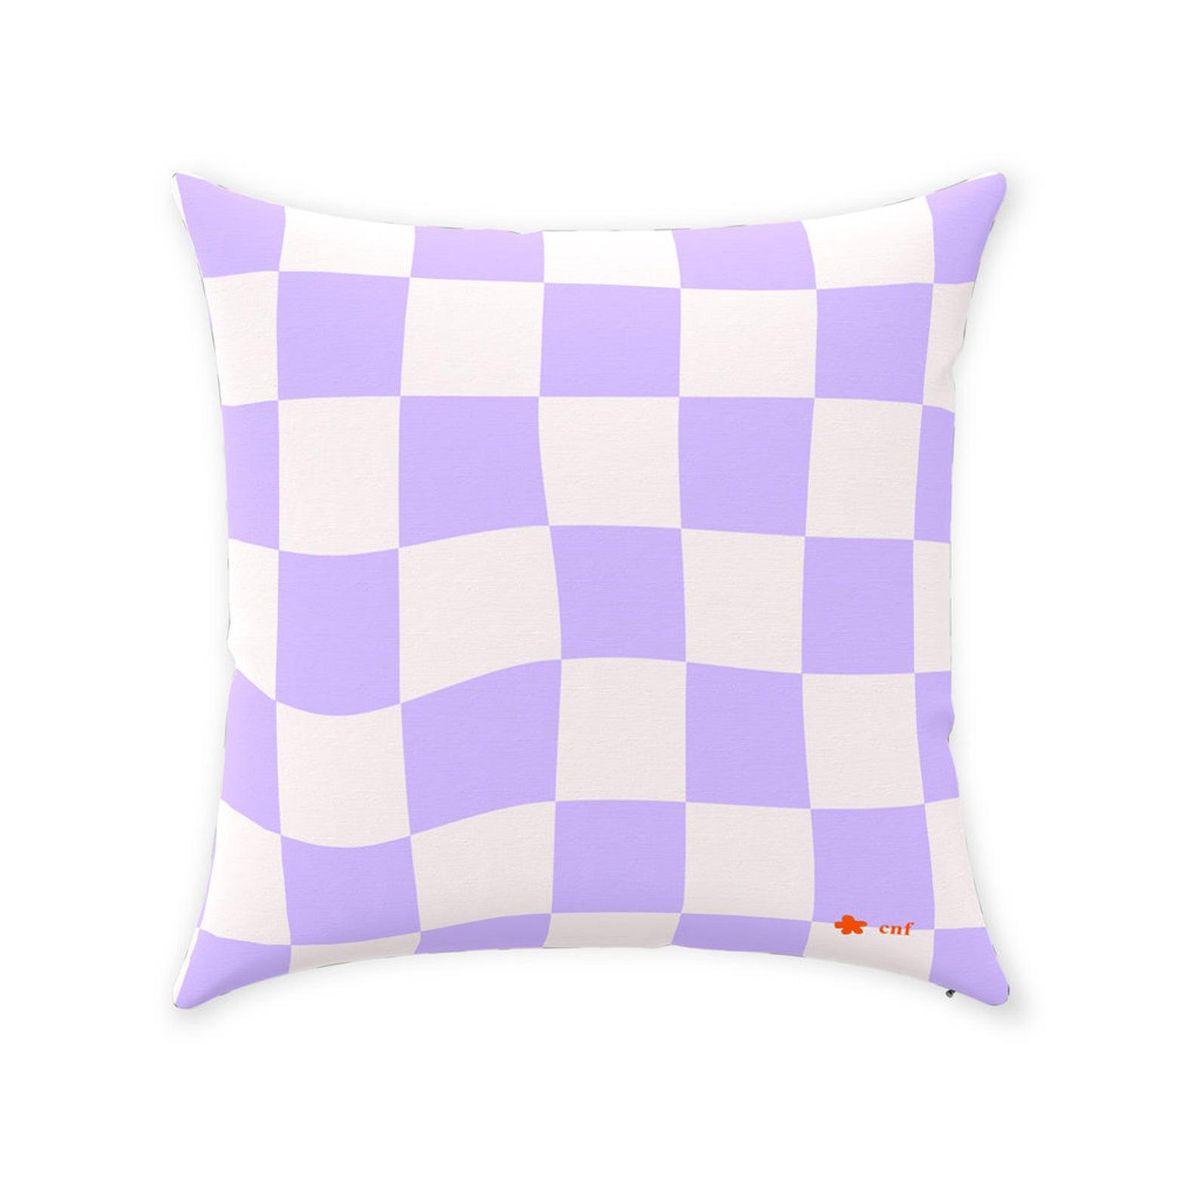 Cheecky Throw Pillows